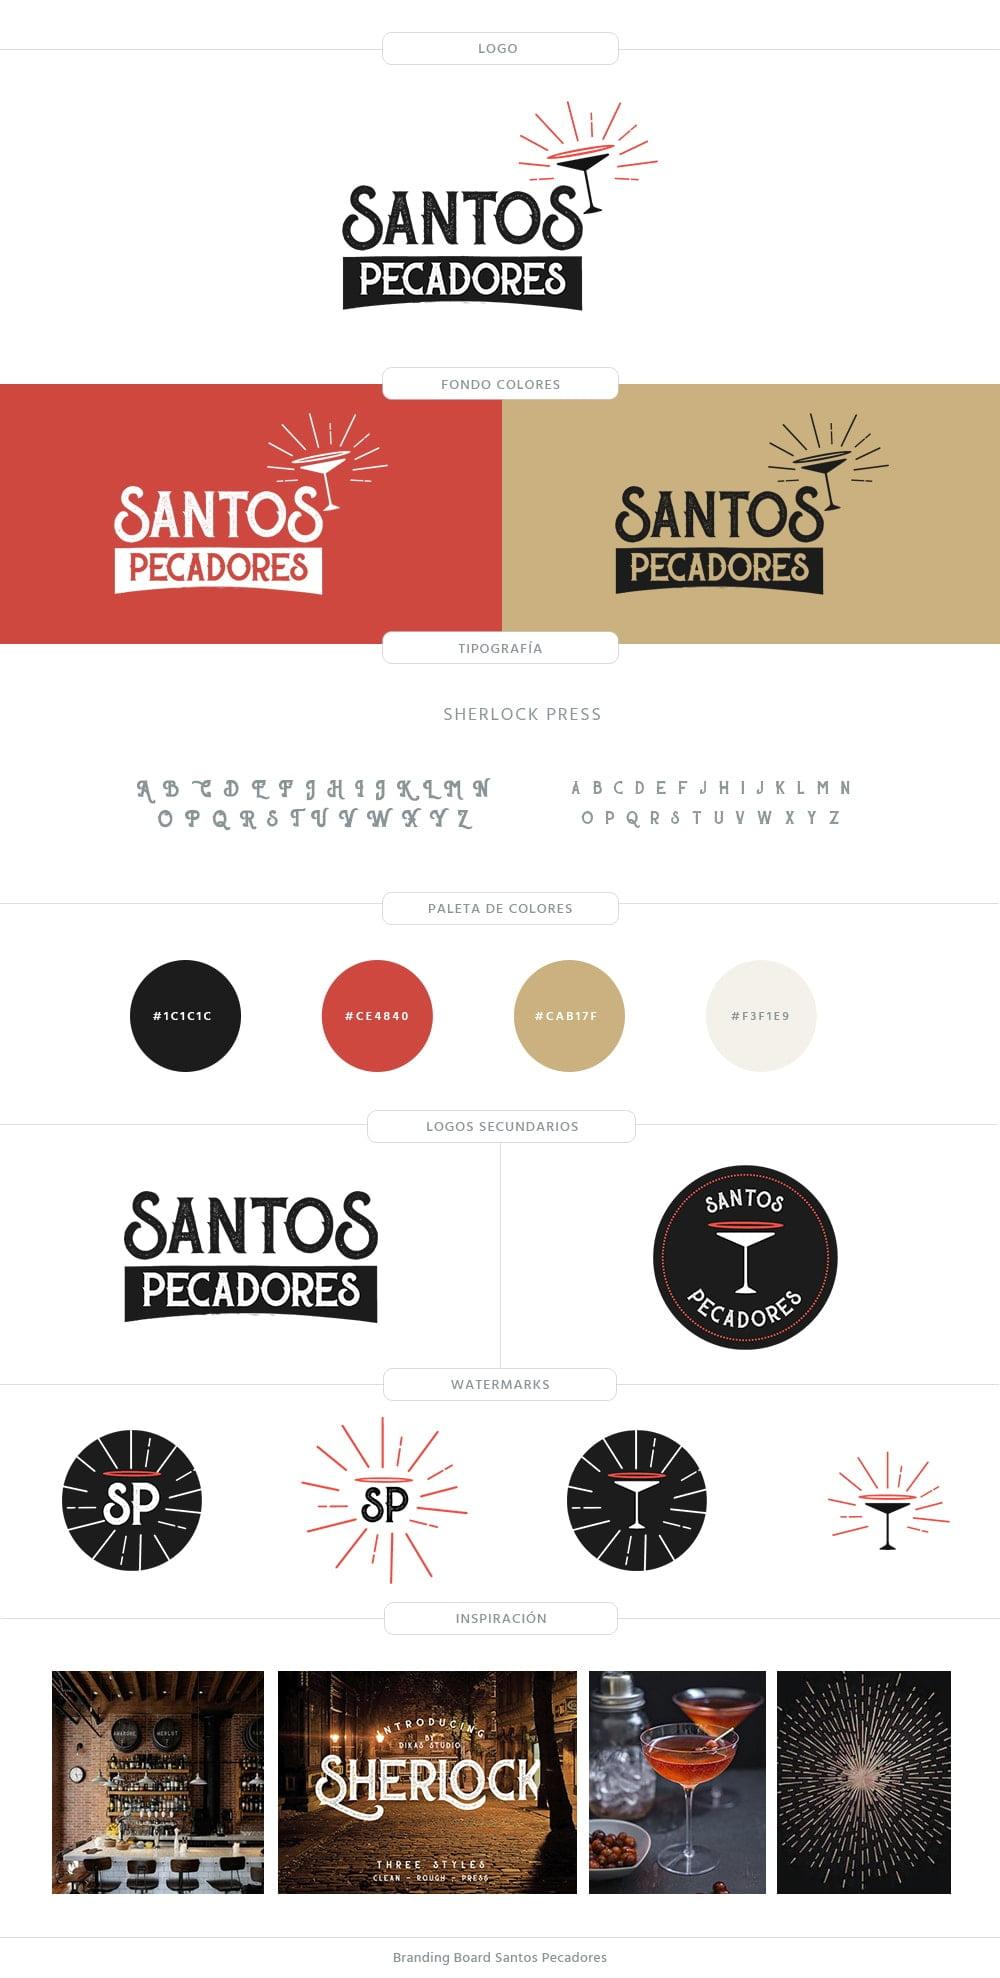 Brandig Board SP - Santos Pecadores